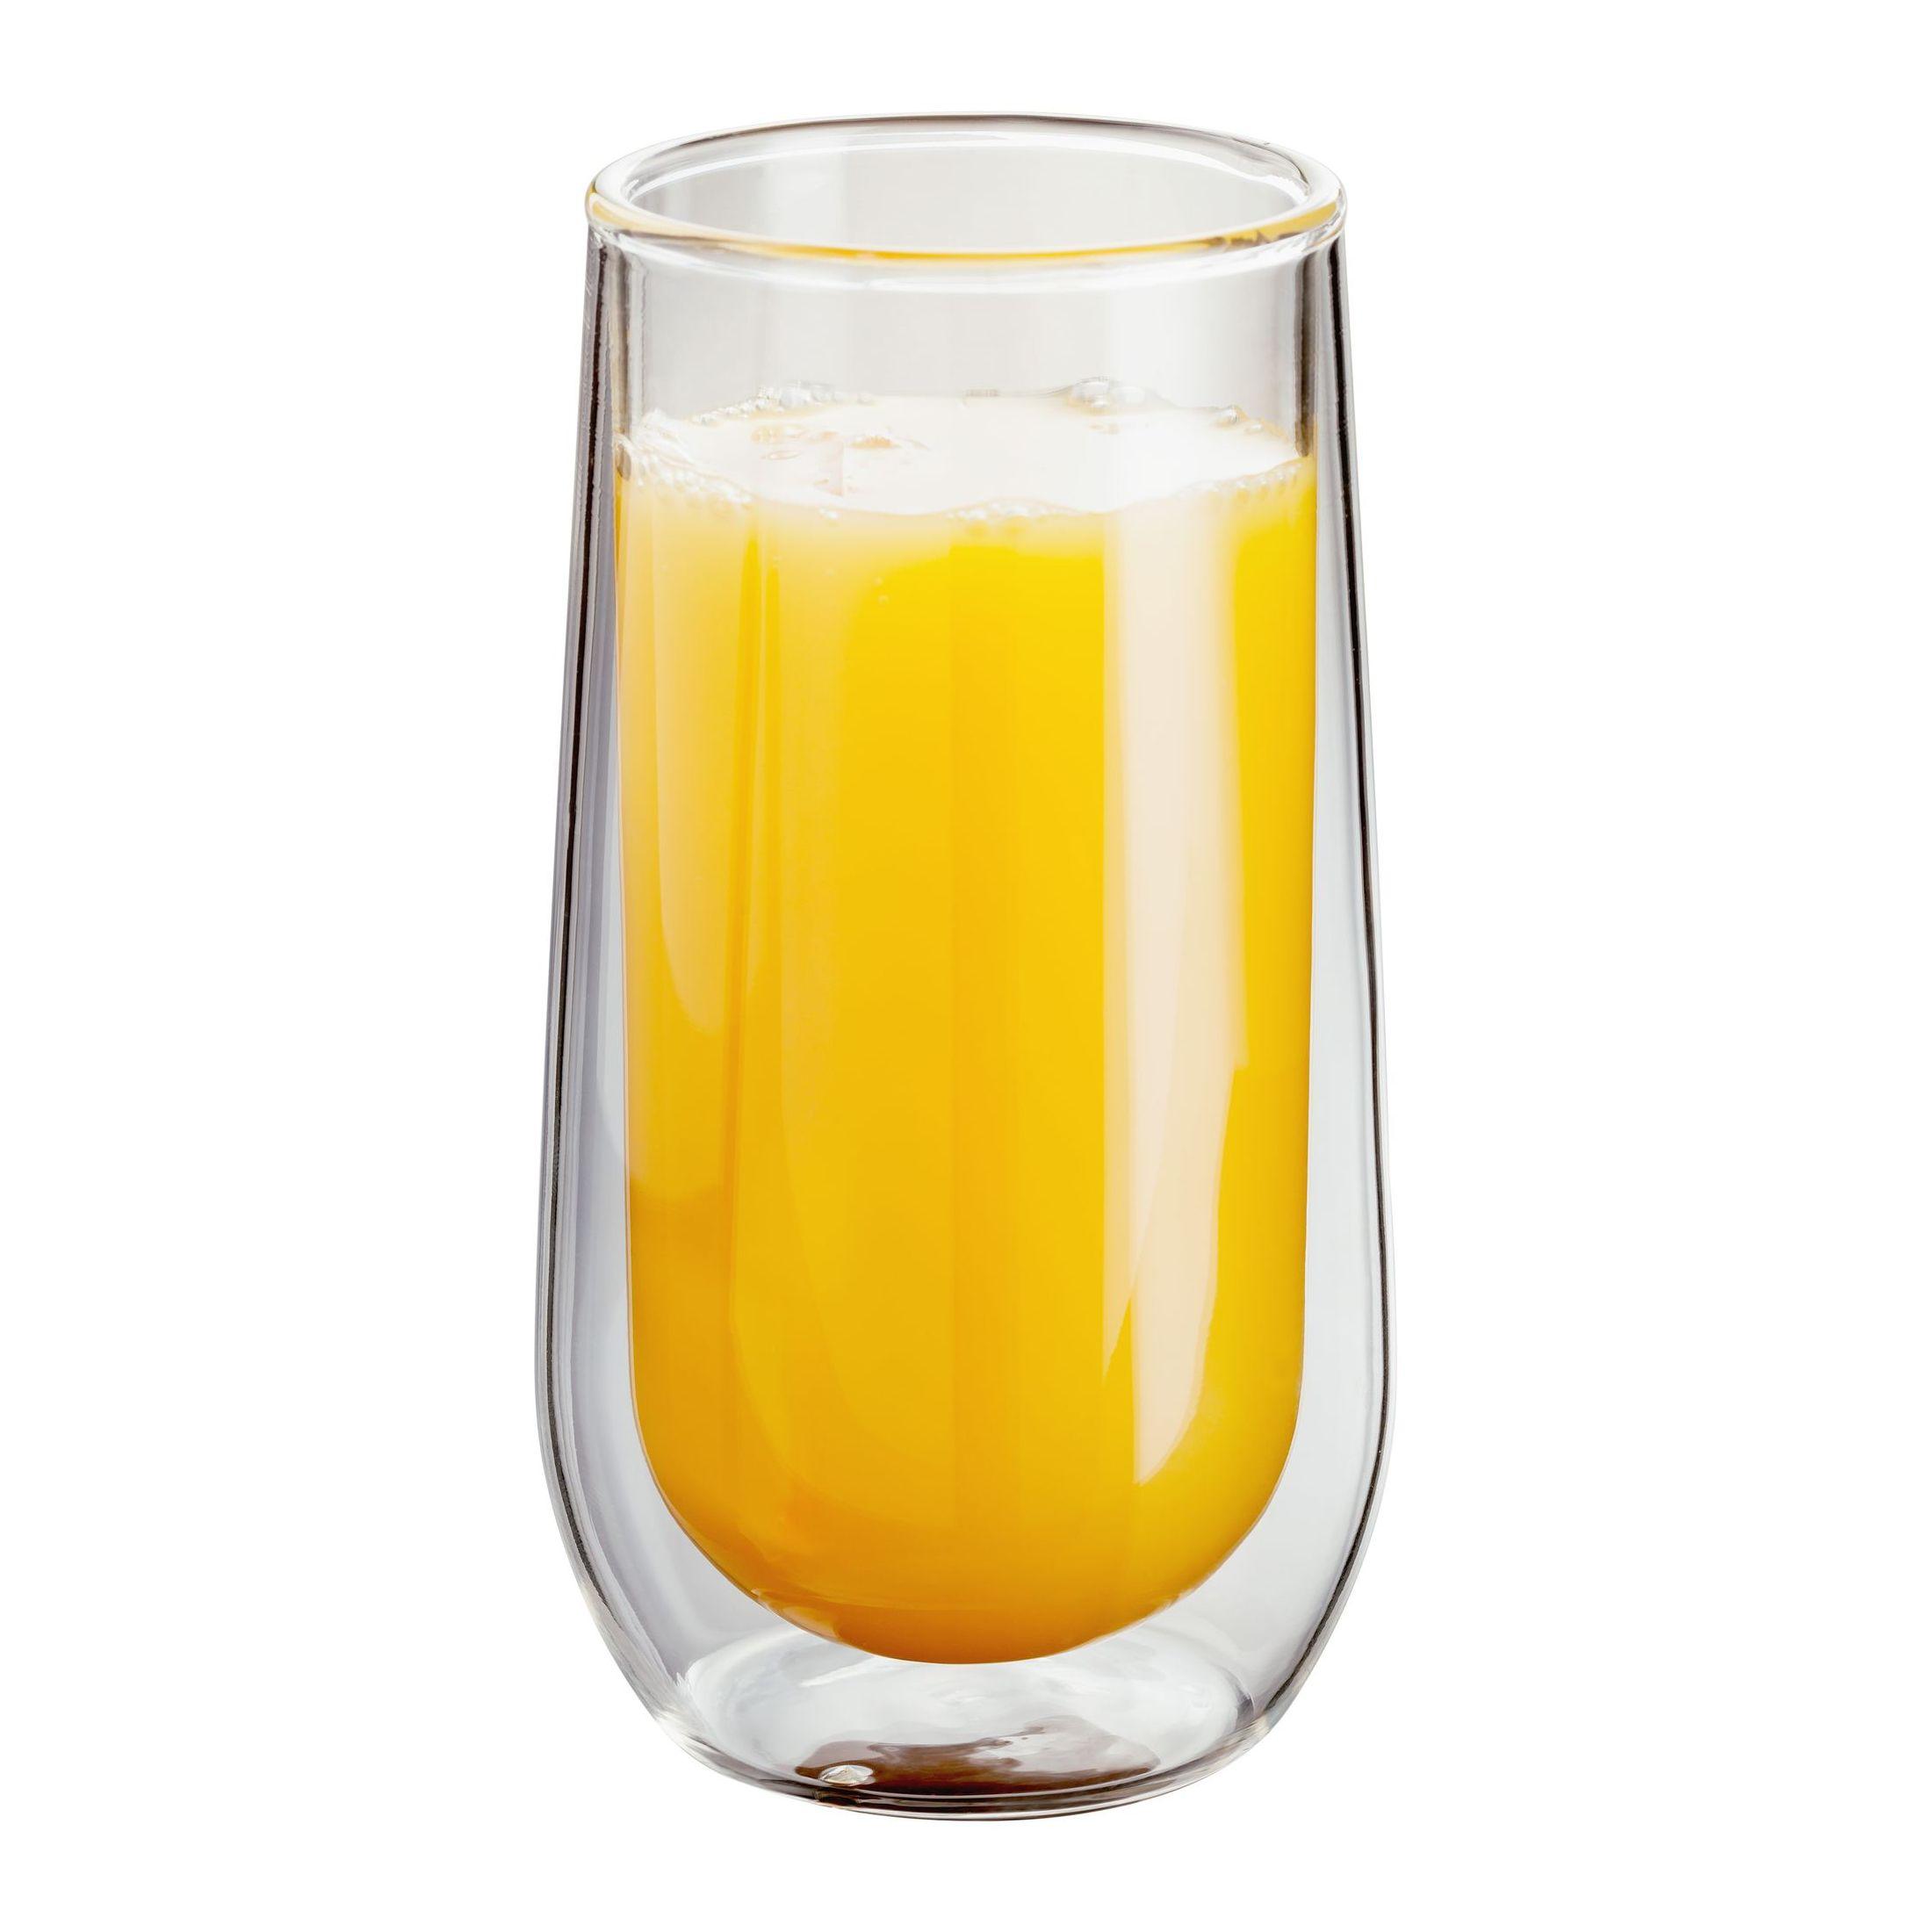 Judge Double WallНабор стаканов, 2 шт.Стеклянная термопосуда с двойными стенками. Сохраняет температуру напитка, не обжигает руки. Холодные напитки остаются холодными без дополнительного охлаждения. На стаканах не образуется конденсат. Футуристический дизайн. Закалённое стекло - устойчиво к царапинам и перепадам температур (от 0 до 100 гр.С). Можно мыть в посудомоечной машине.<br>